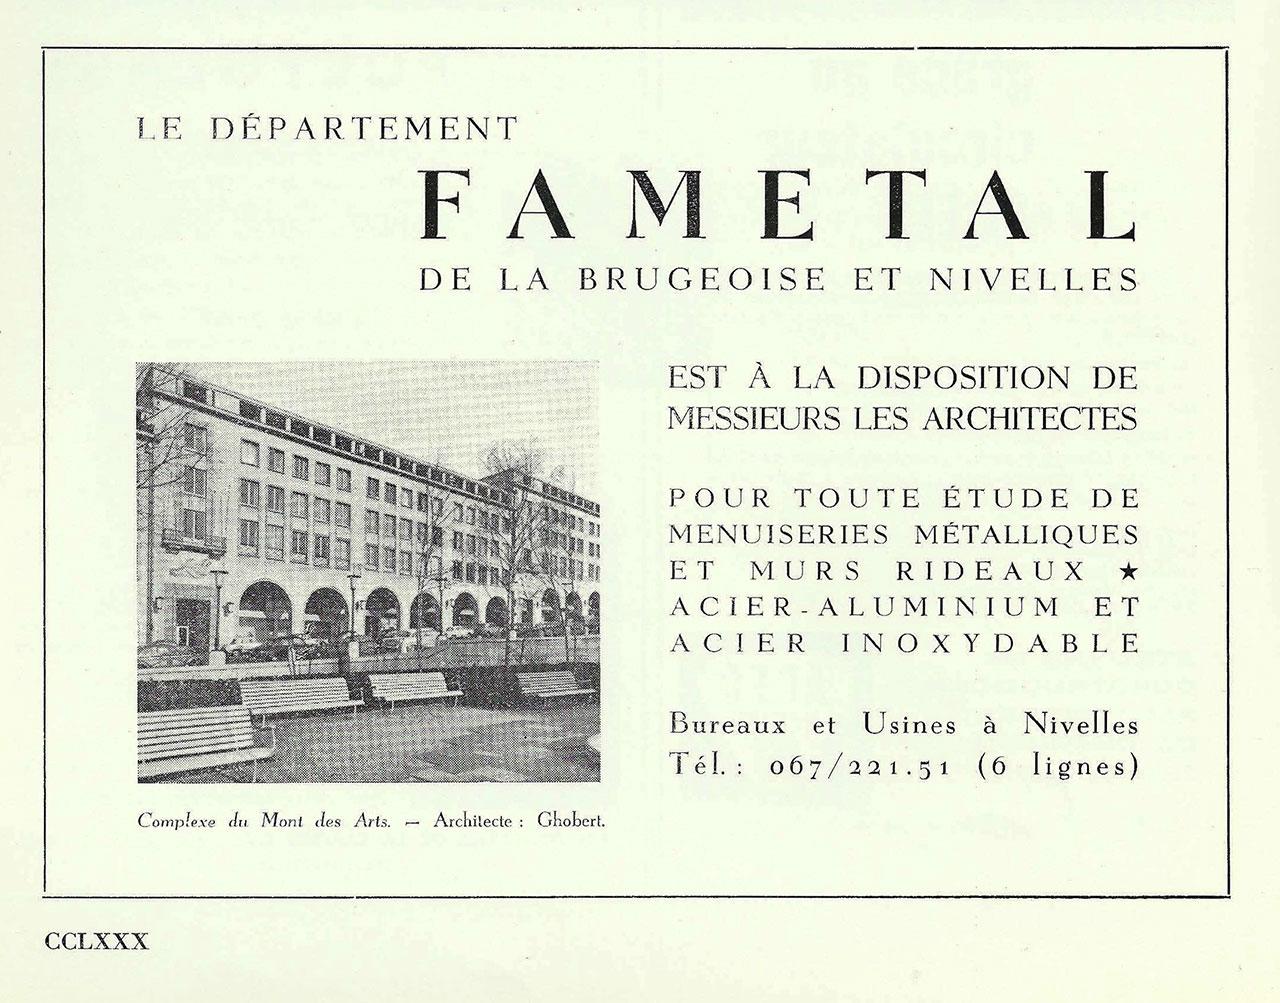 Menuiserie Métallique, Murs Rideaux